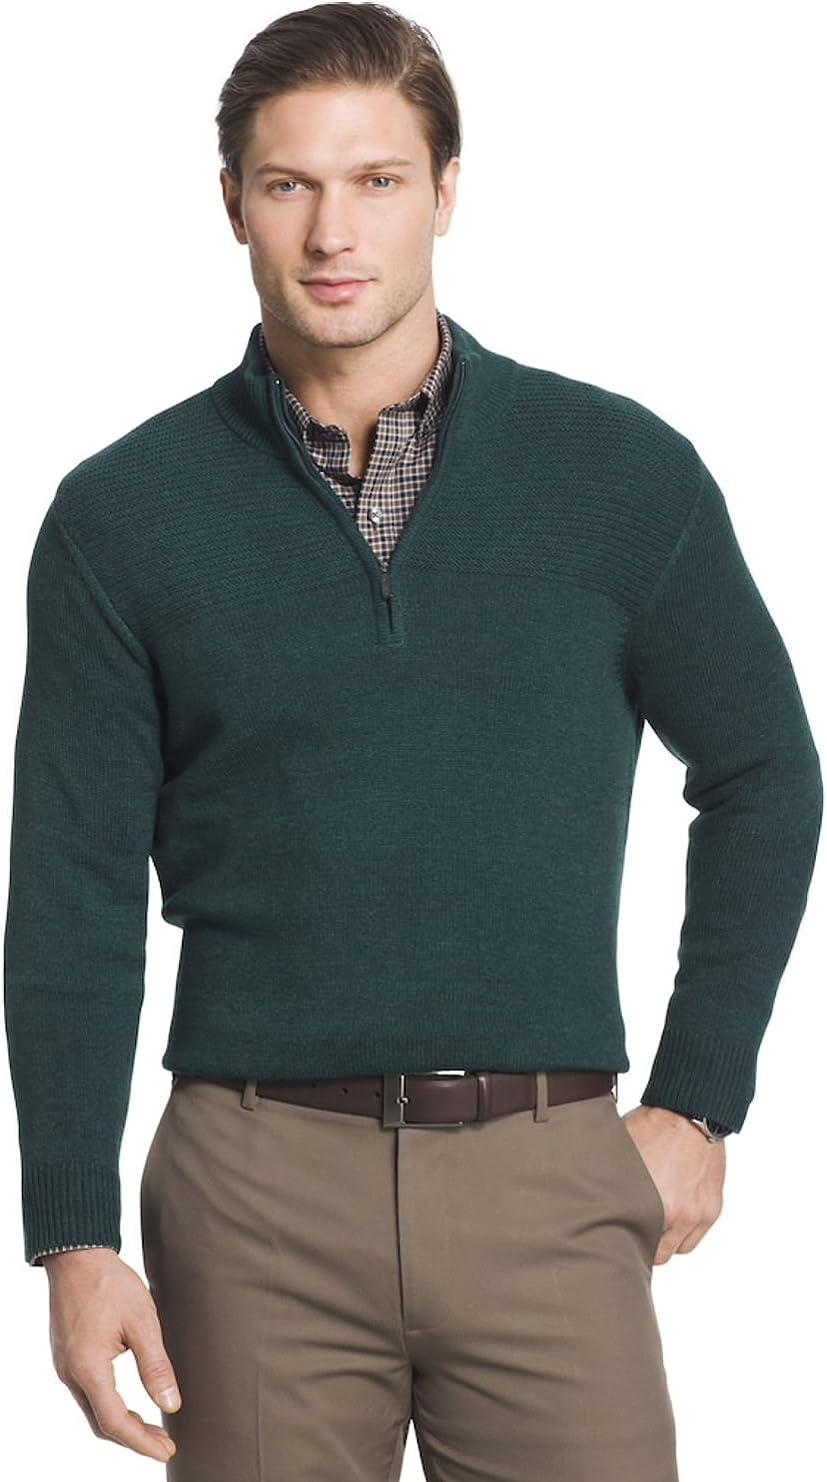 Van Heusen Men's Regular-Fit Textured Quarter-Zip Pullover Sweater